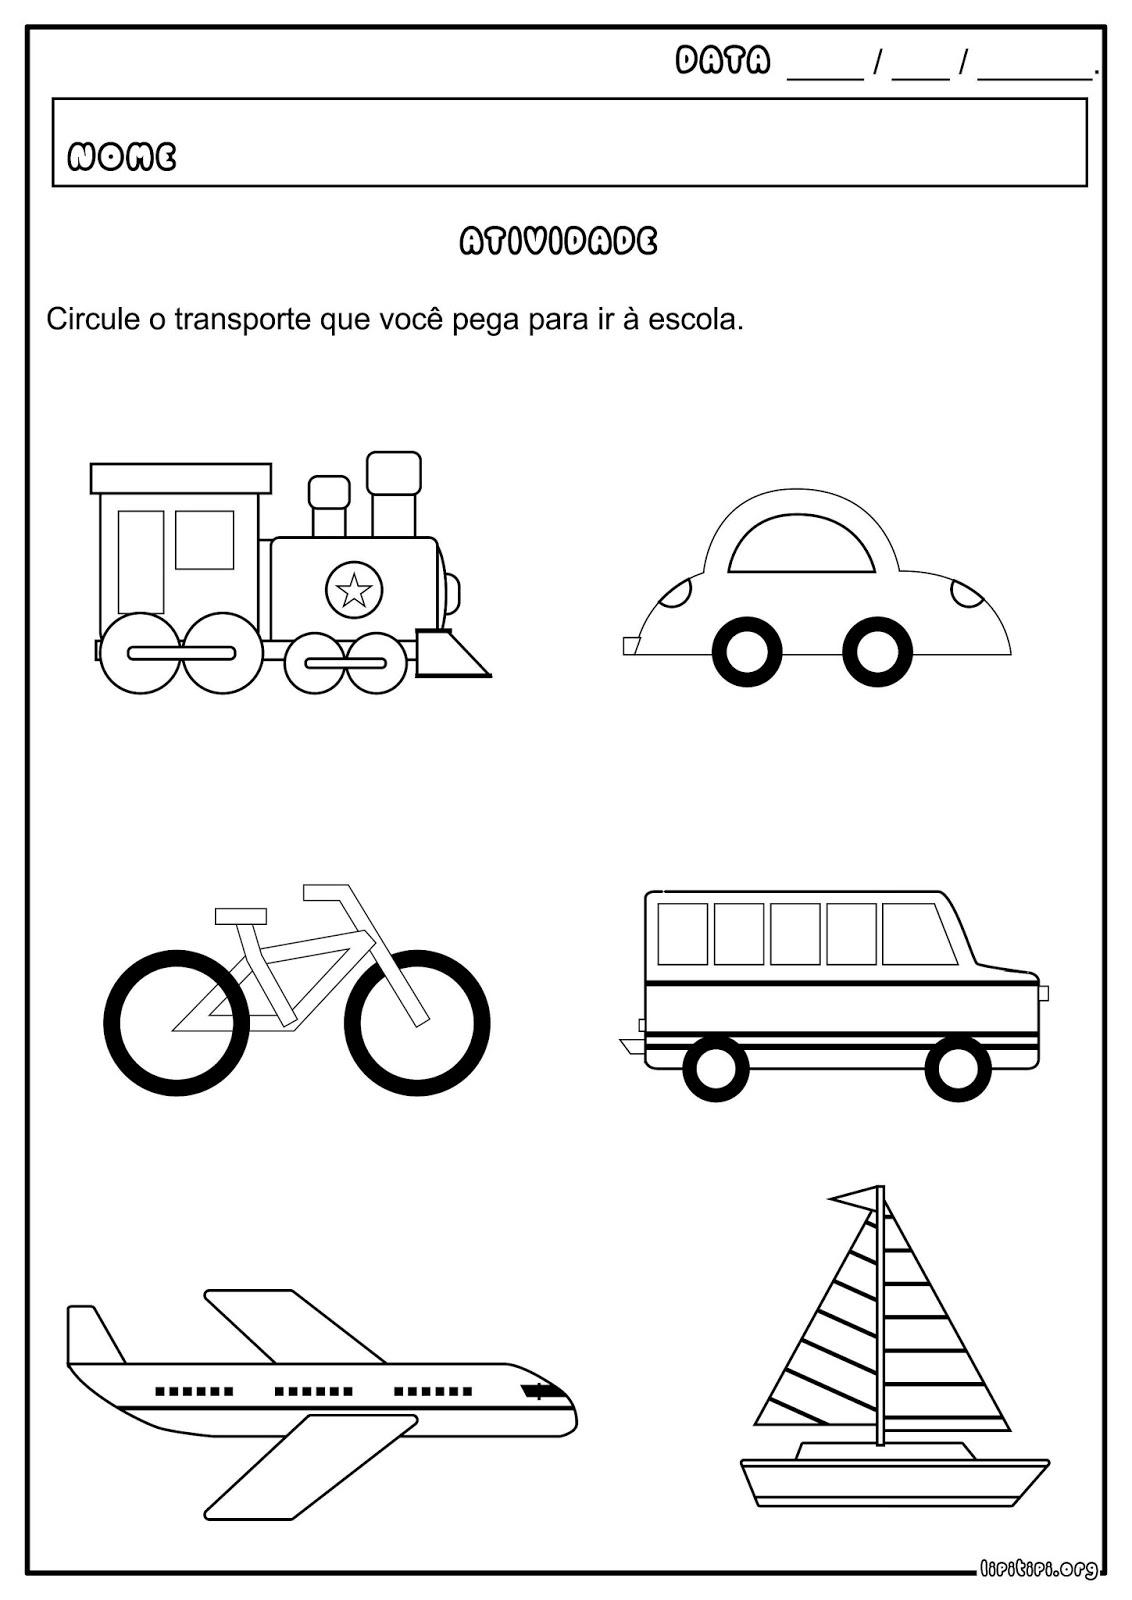 imagens de transportes terrestres para colorir